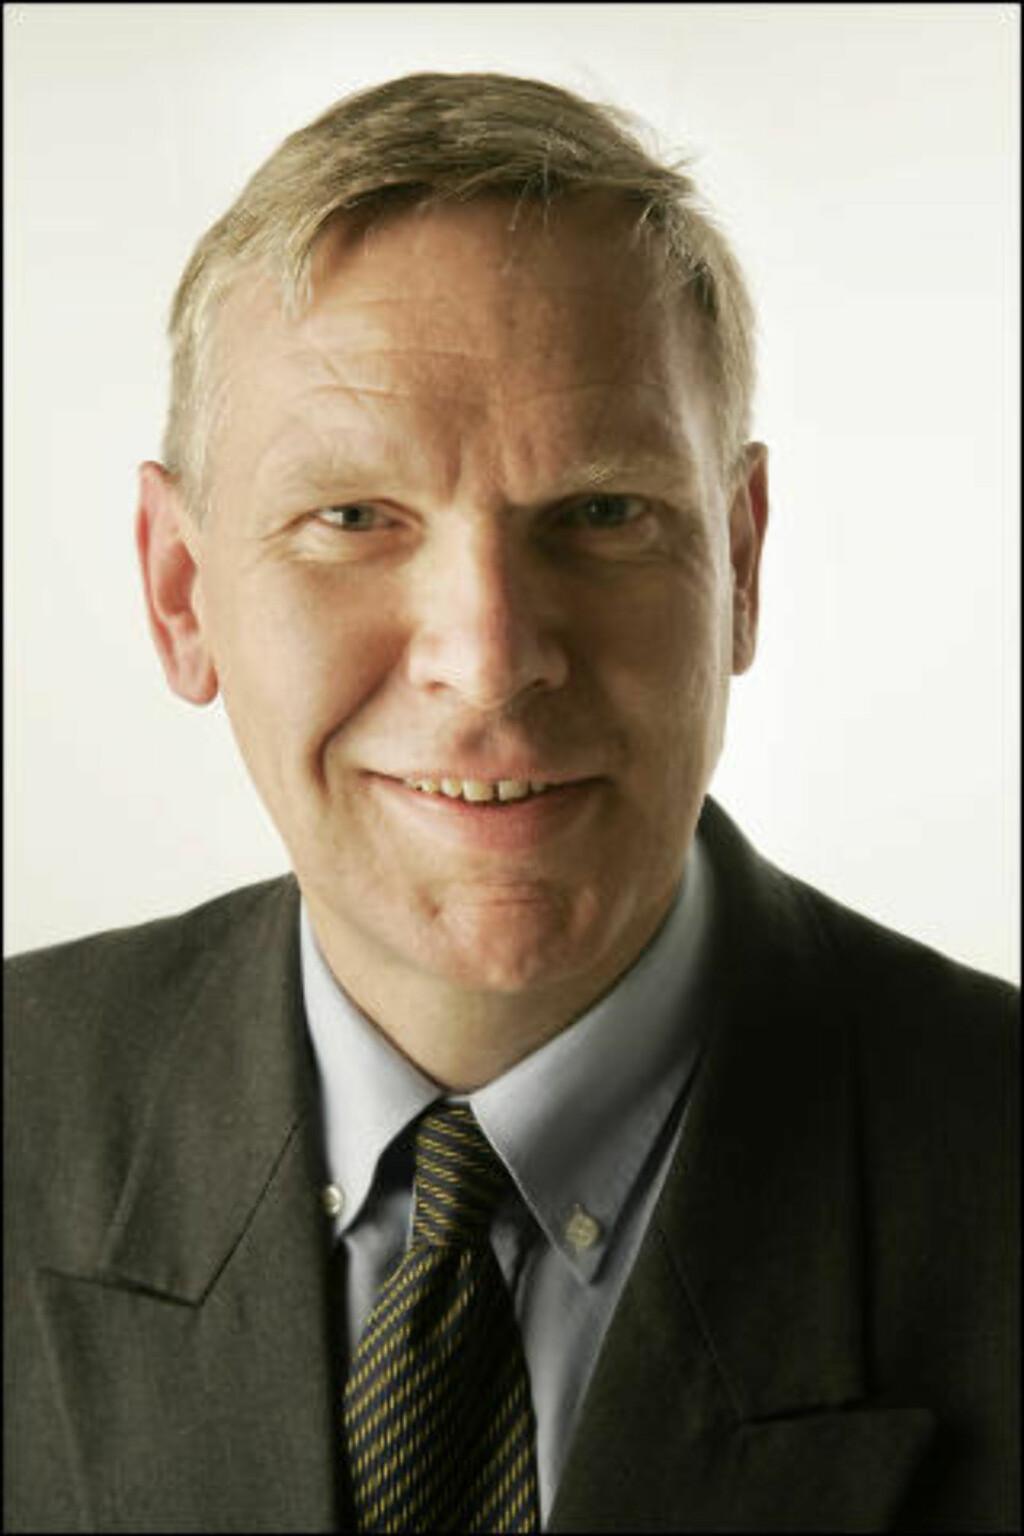 VIKTIG MED KONTROLL:  Jørgen Myrland, administrerende direktør i Cisco Norge, mener undersøkelsen beviser at det er viktig å ta kontroll over egen mobilbruk. Foto: Cisco